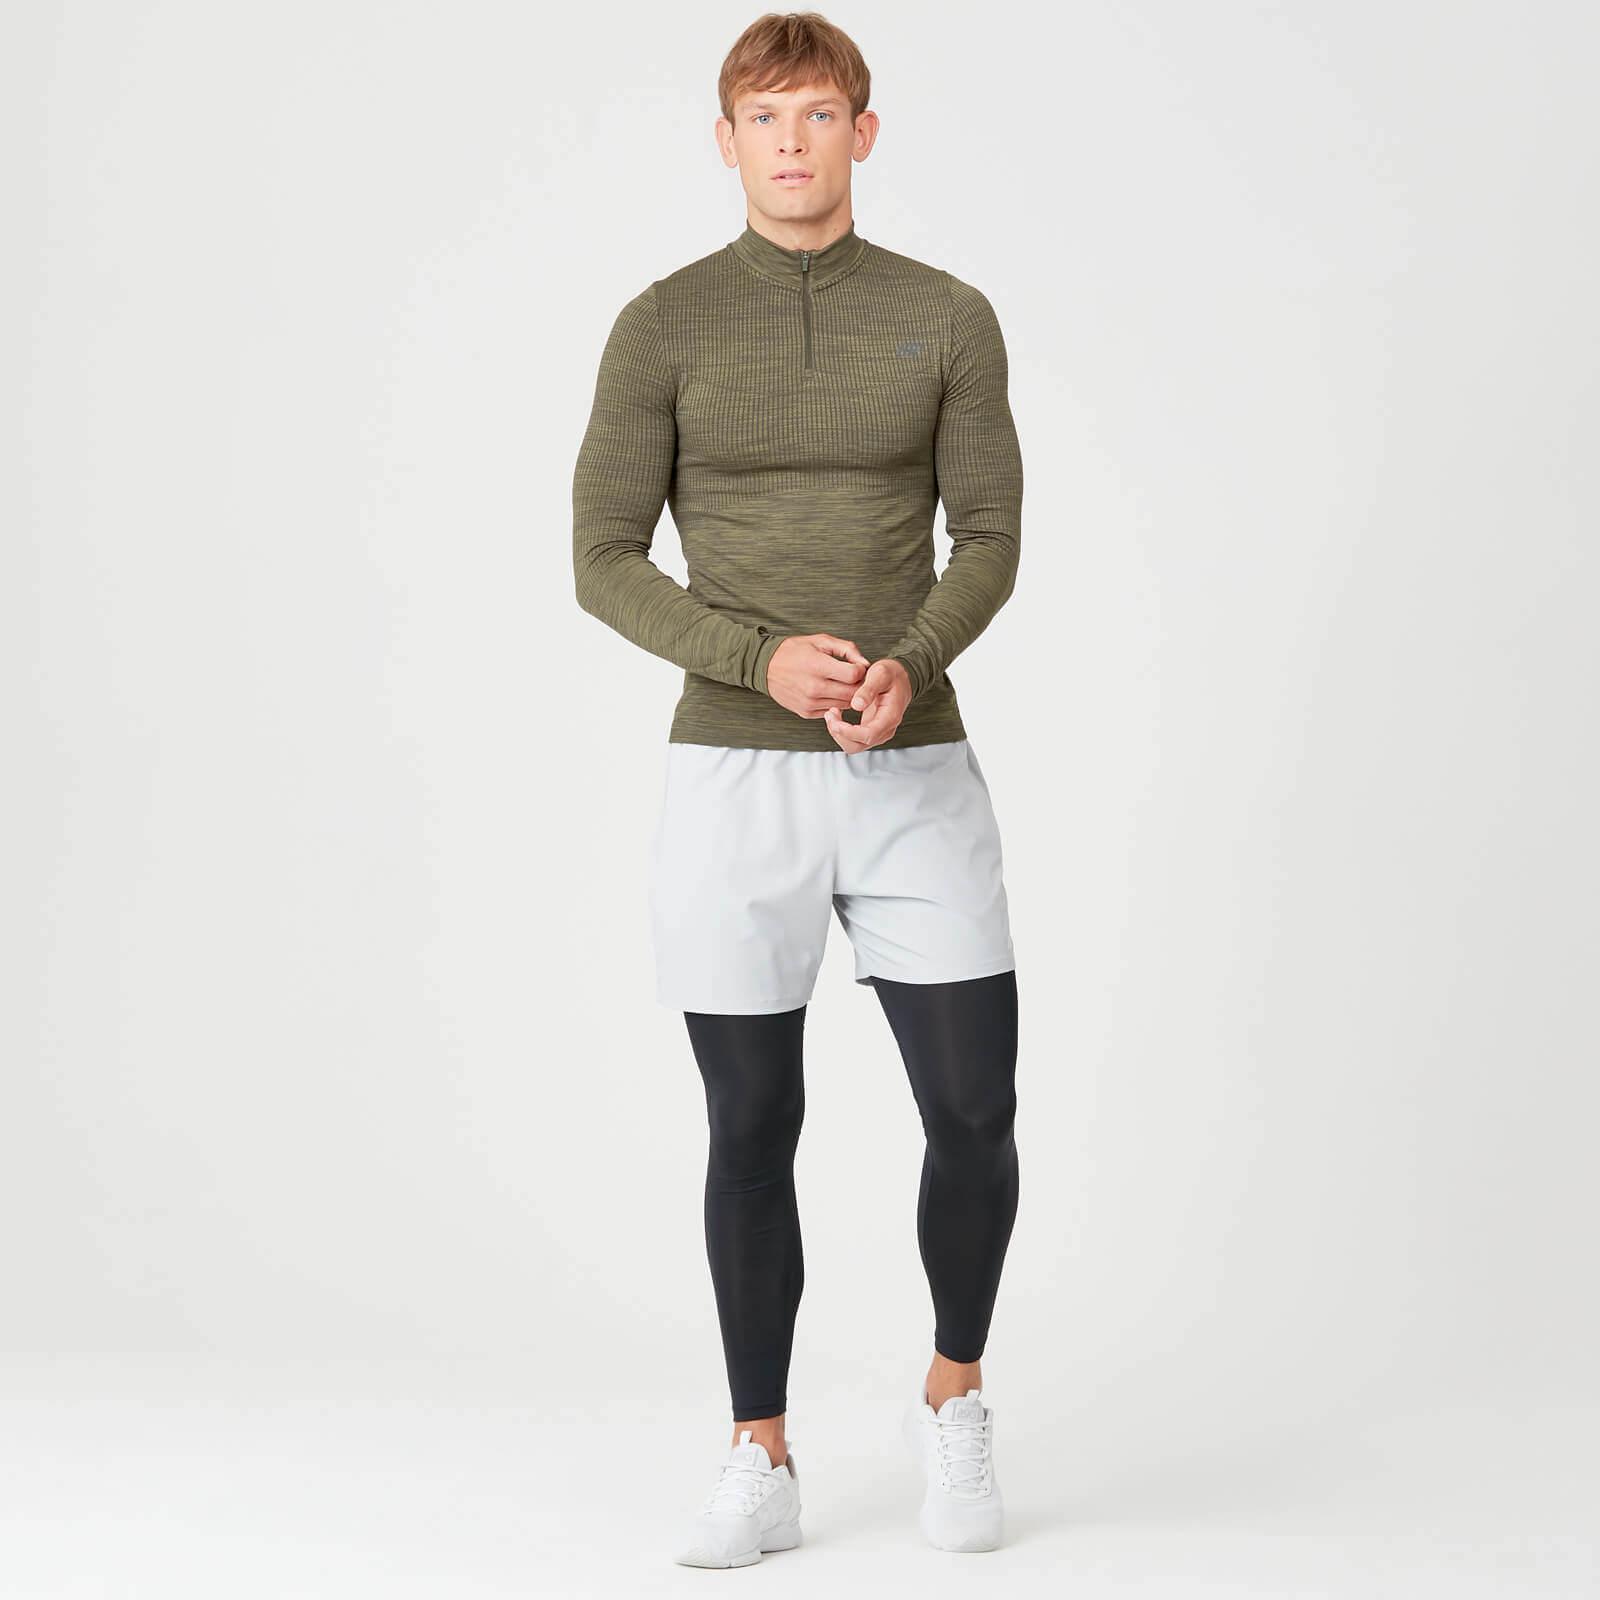 Freier Versand beim Kauf neuer Kleidung